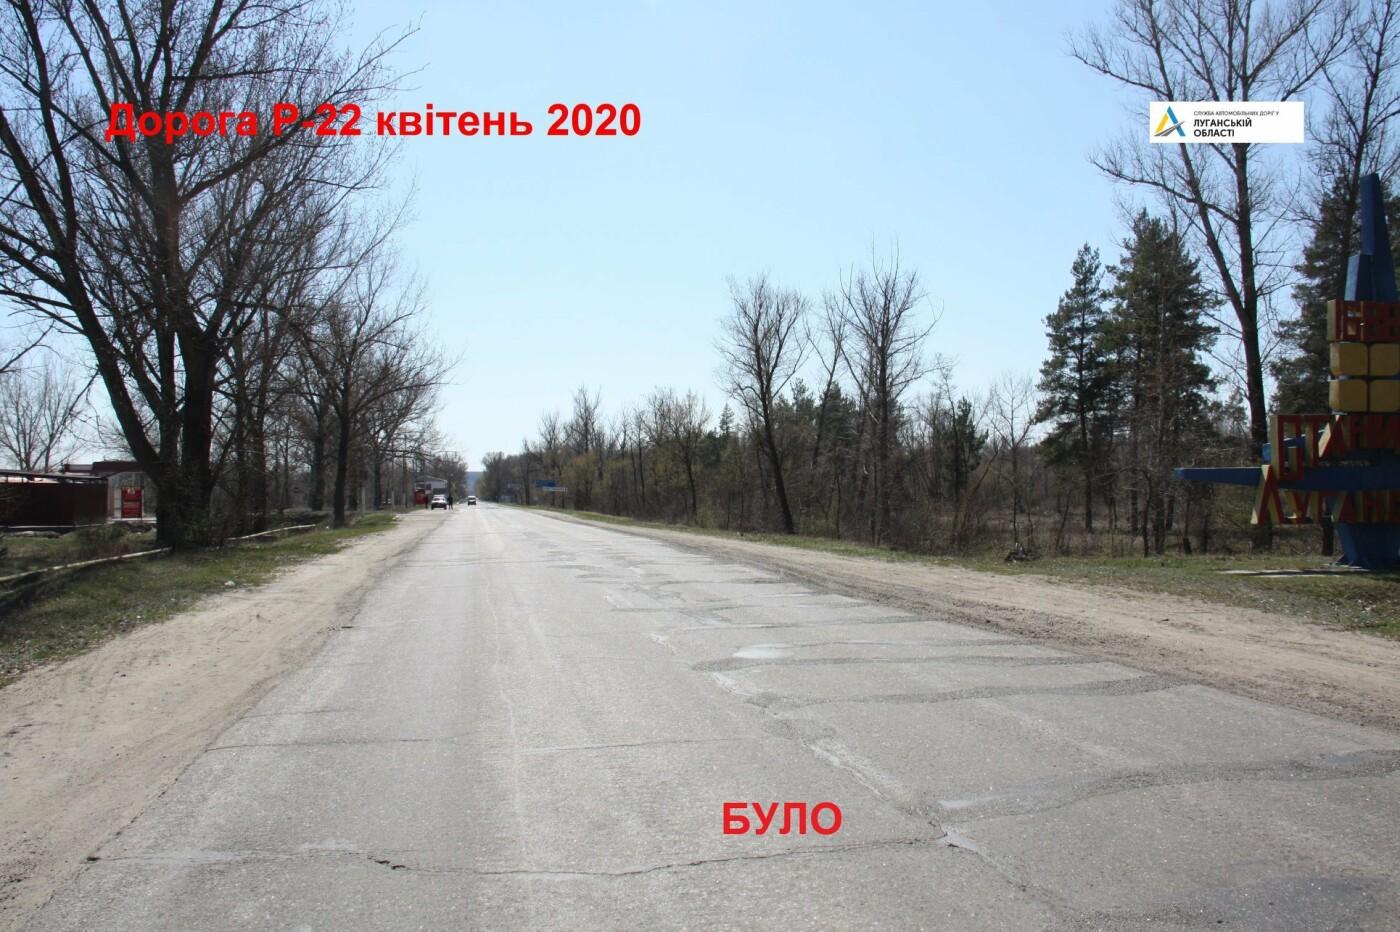 Было - стало. Автодорожники показали результаты ремонта дороги Северодонецк-Станица-Луганская, фото-15